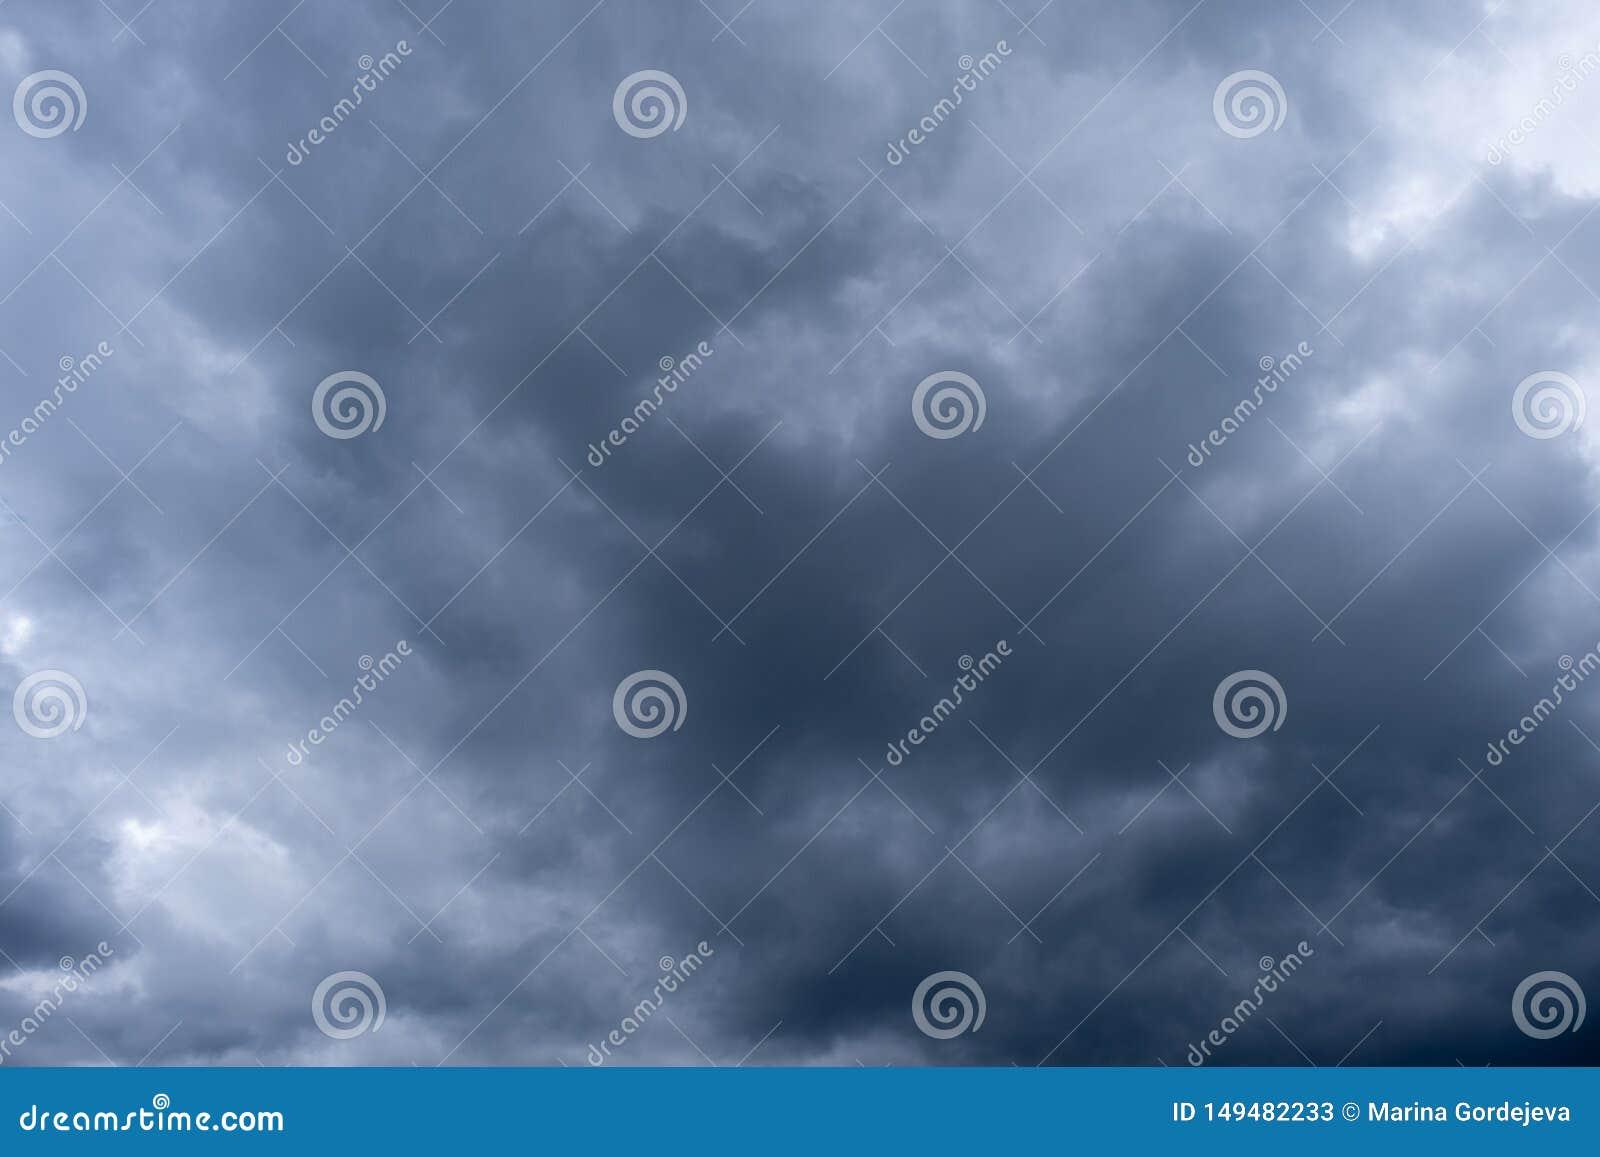 C?u dram?tico com nuvens, c?u tormentoso